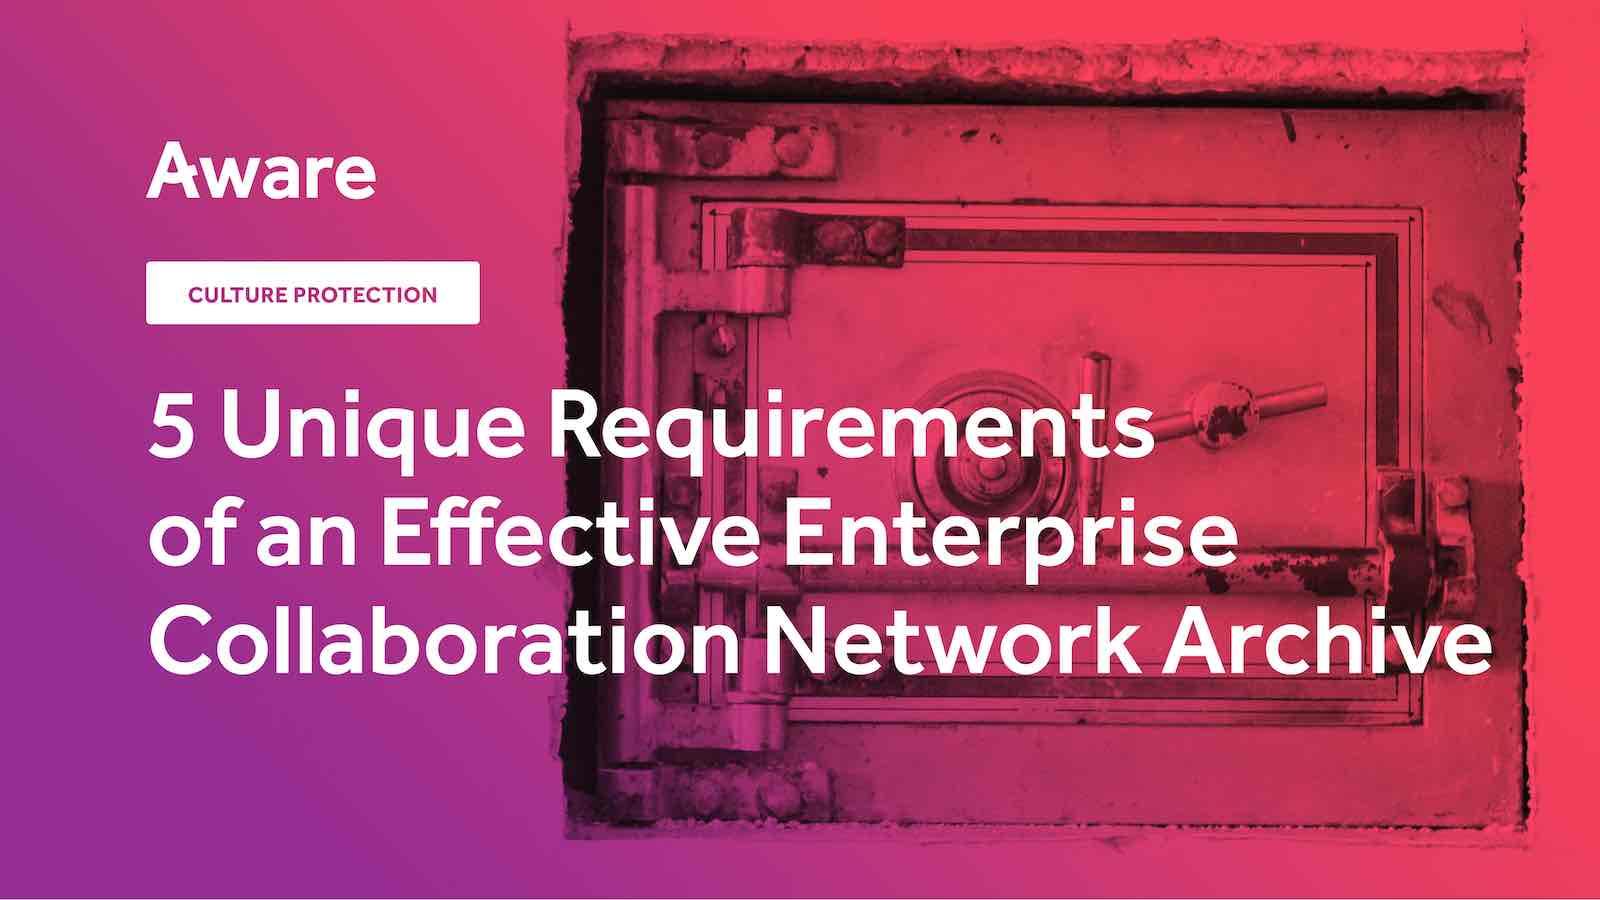 5 Unique Requirements of an Effective Enterprise Collaboration Network Archive